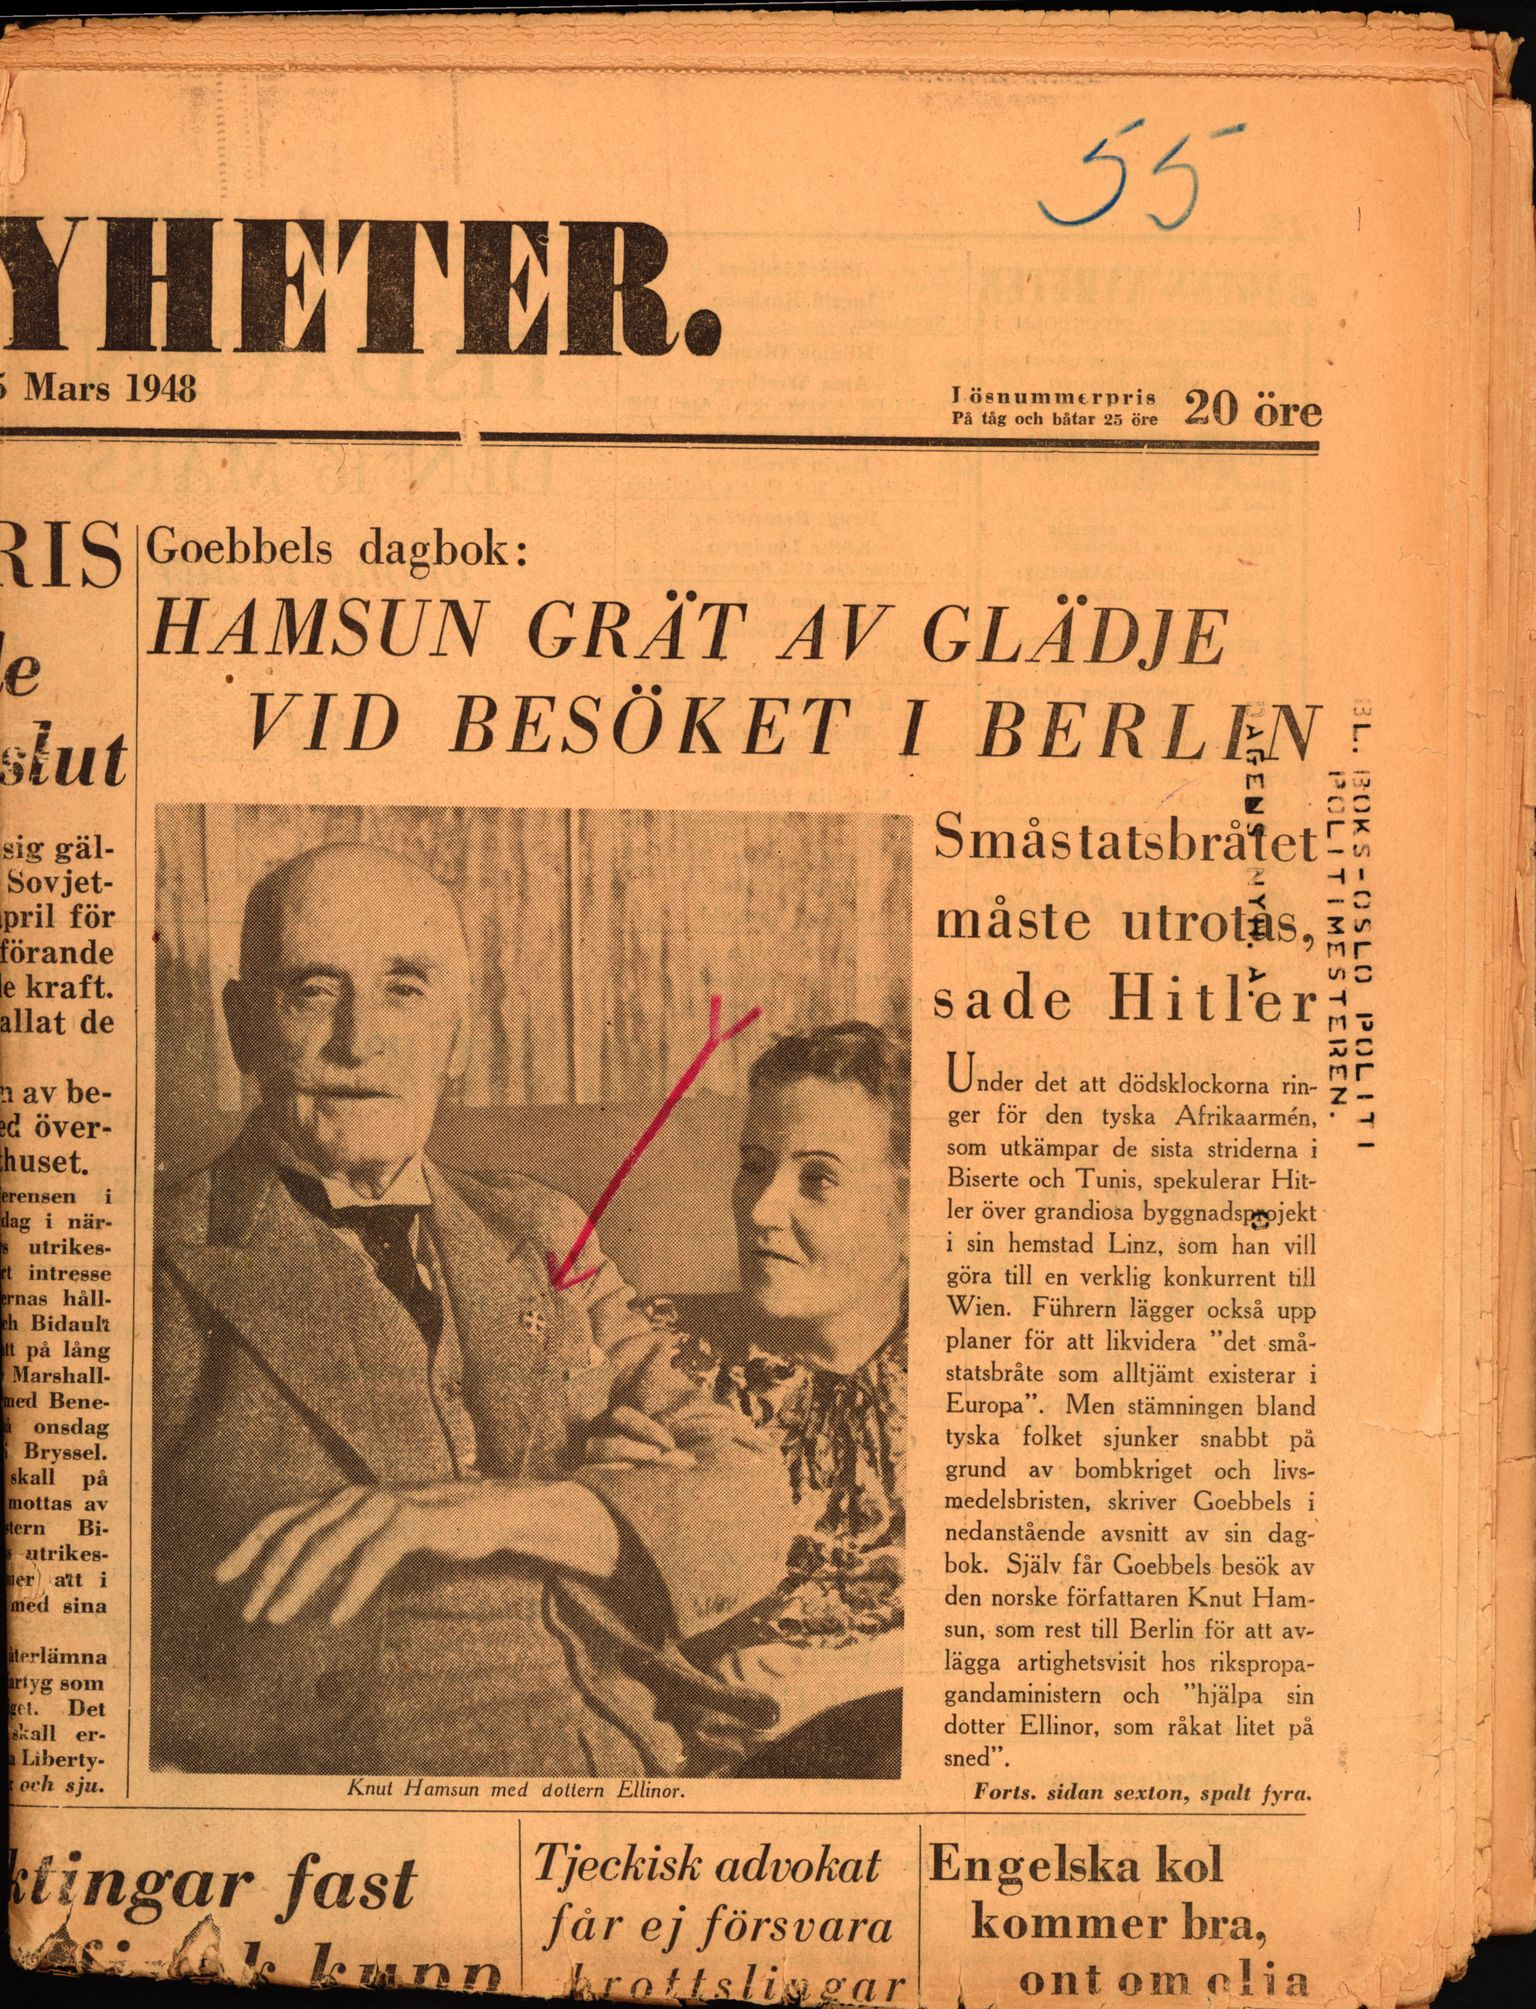 RA, Landssvikarkivet, Arendal politikammer, D/Dc/L0029: Anr. 192/45, 1945-1951, s. 596